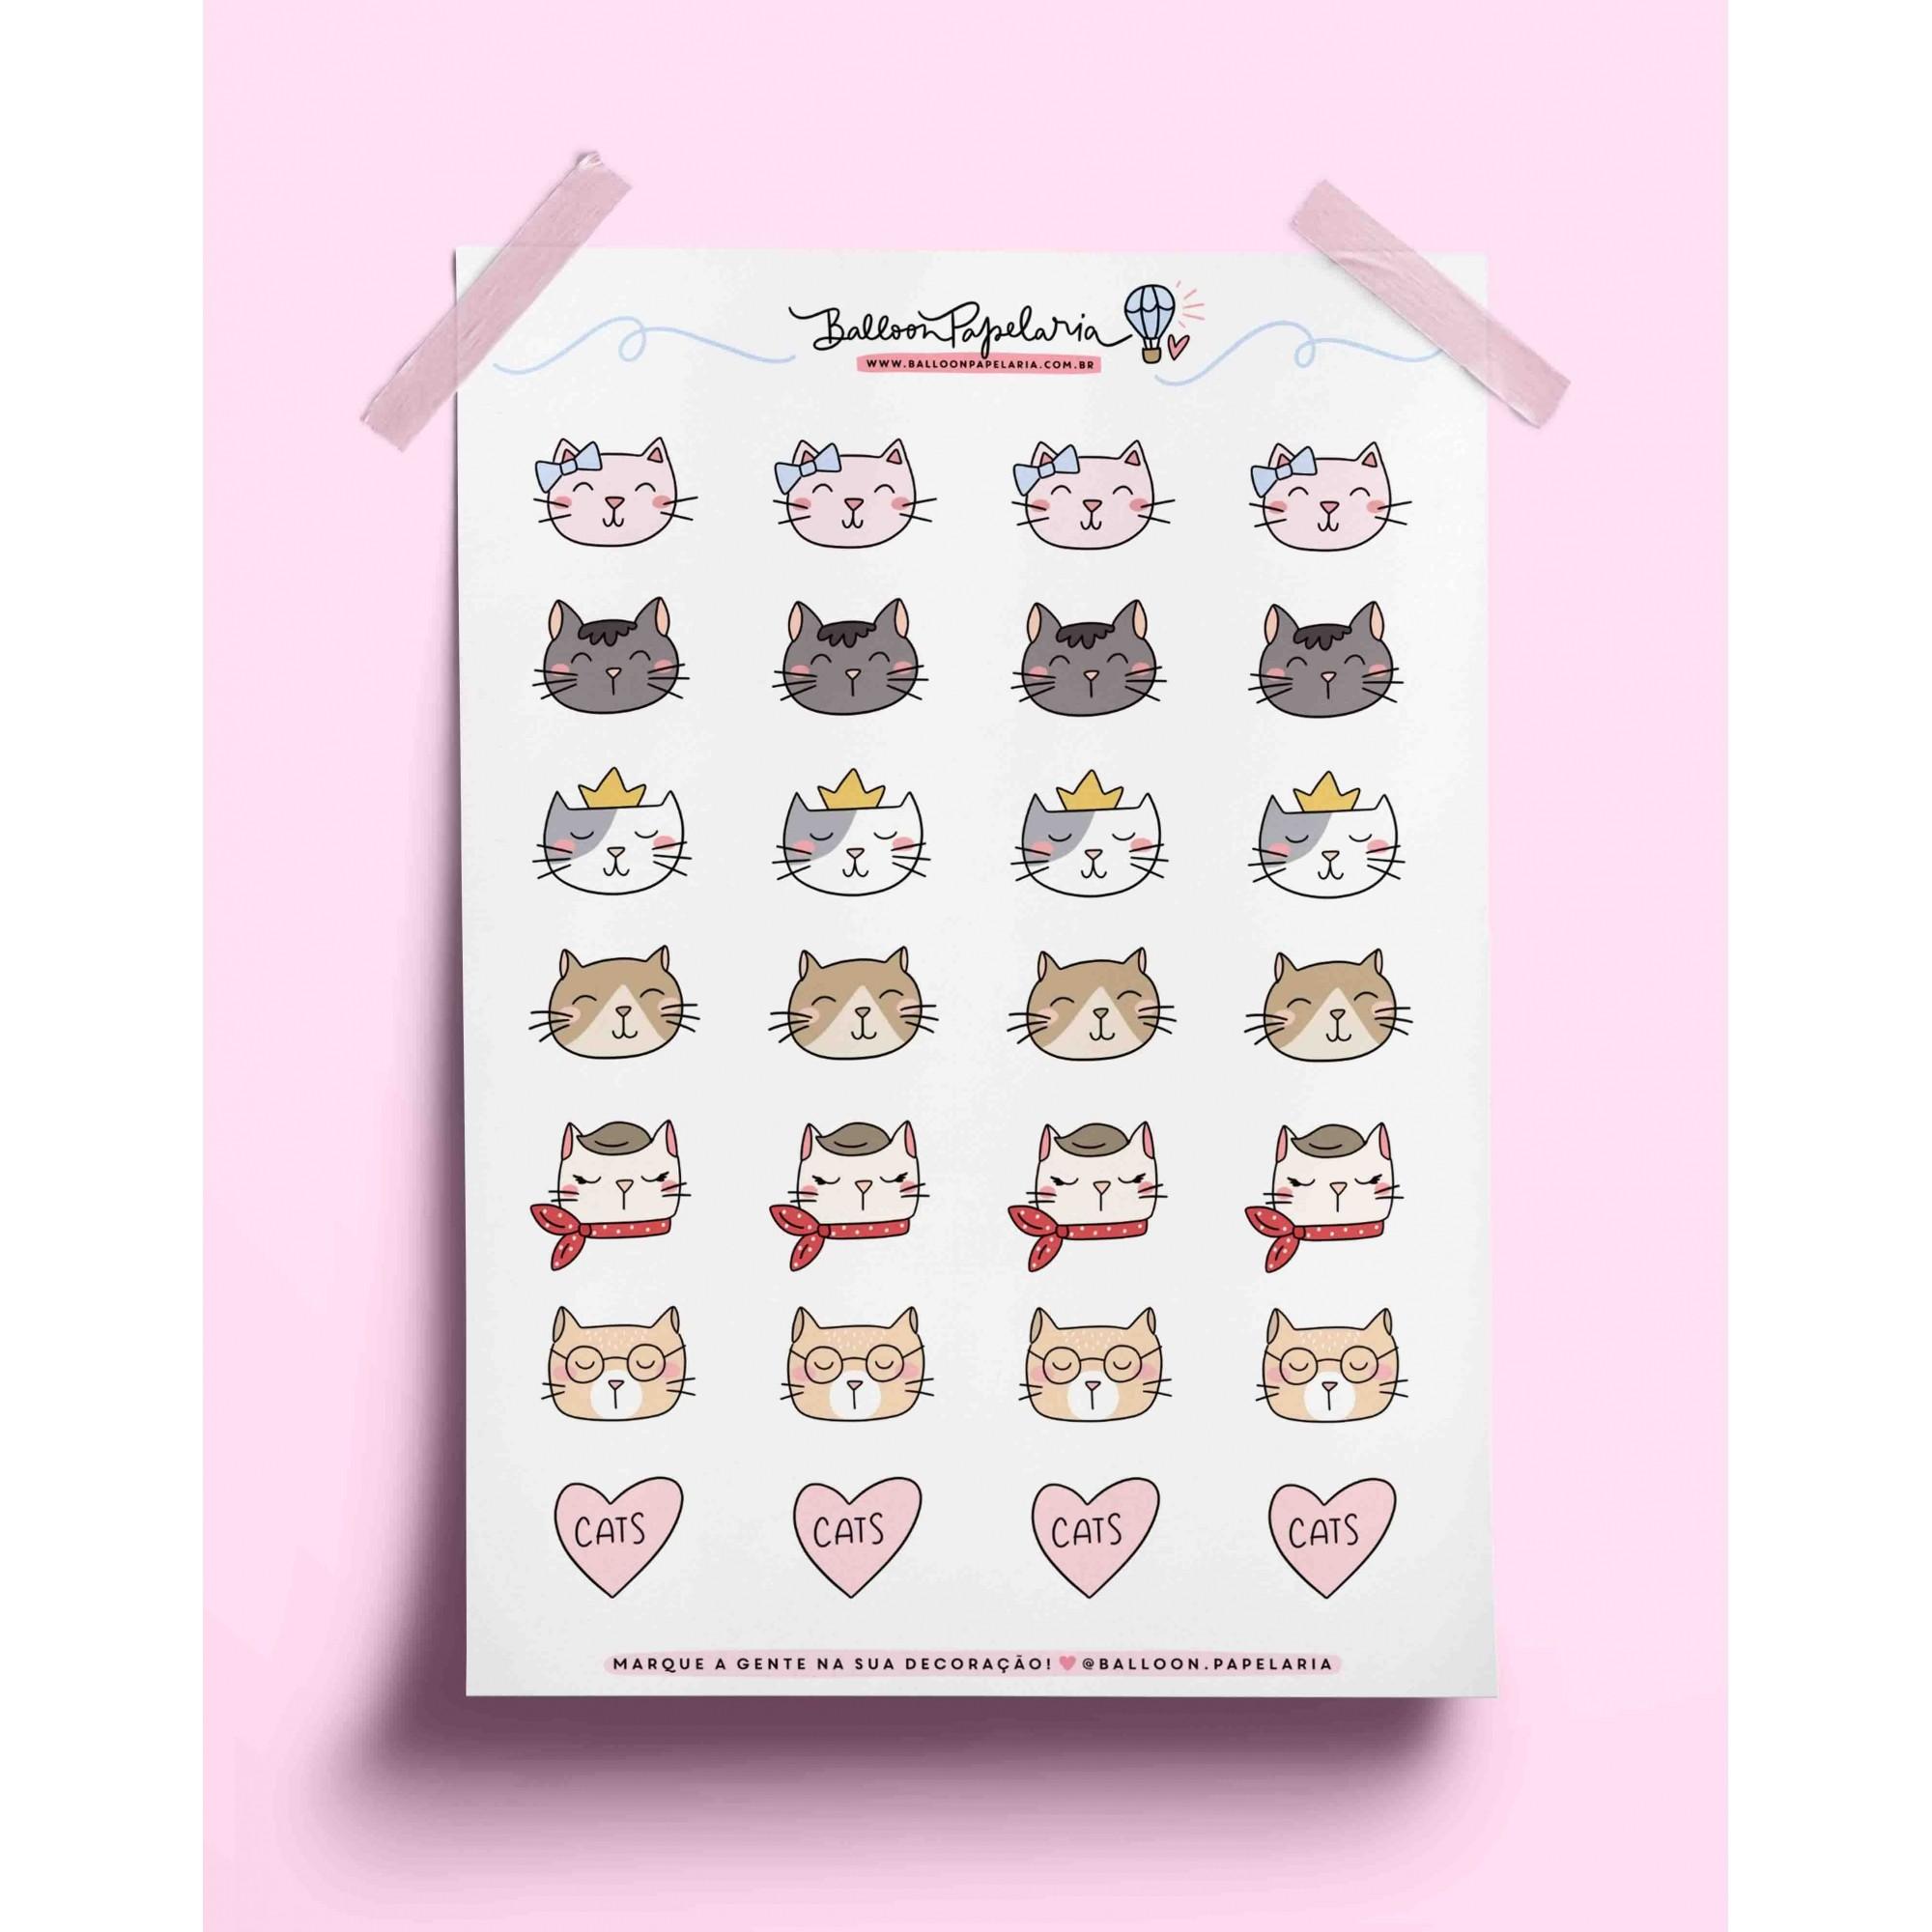 Adesivos gatinhos descolados